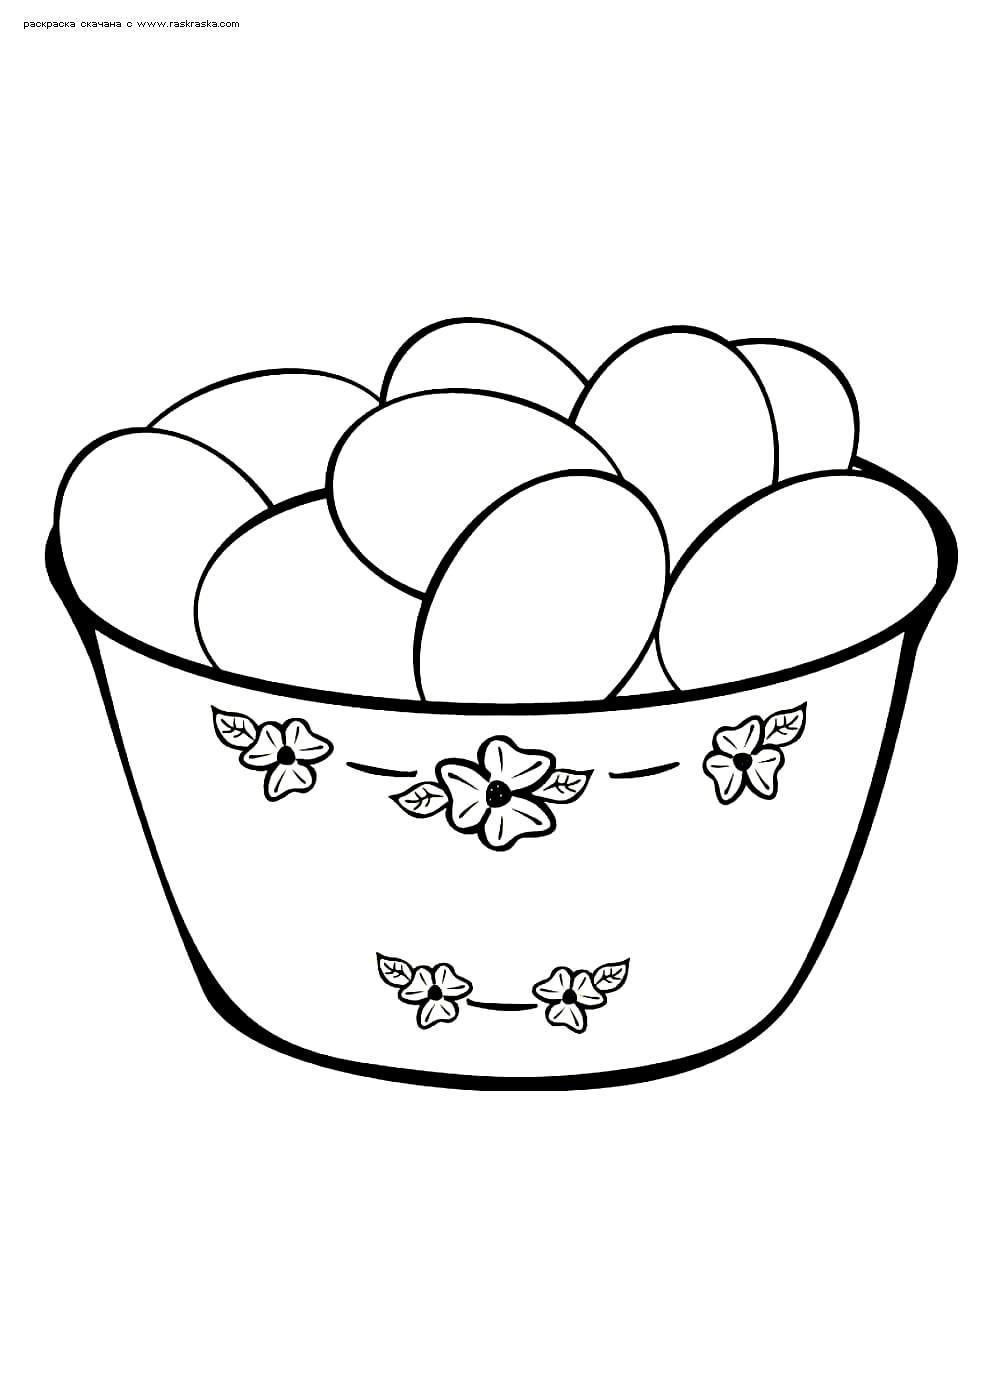 Раскраска Пасхальные яйца. Раскраска яйца